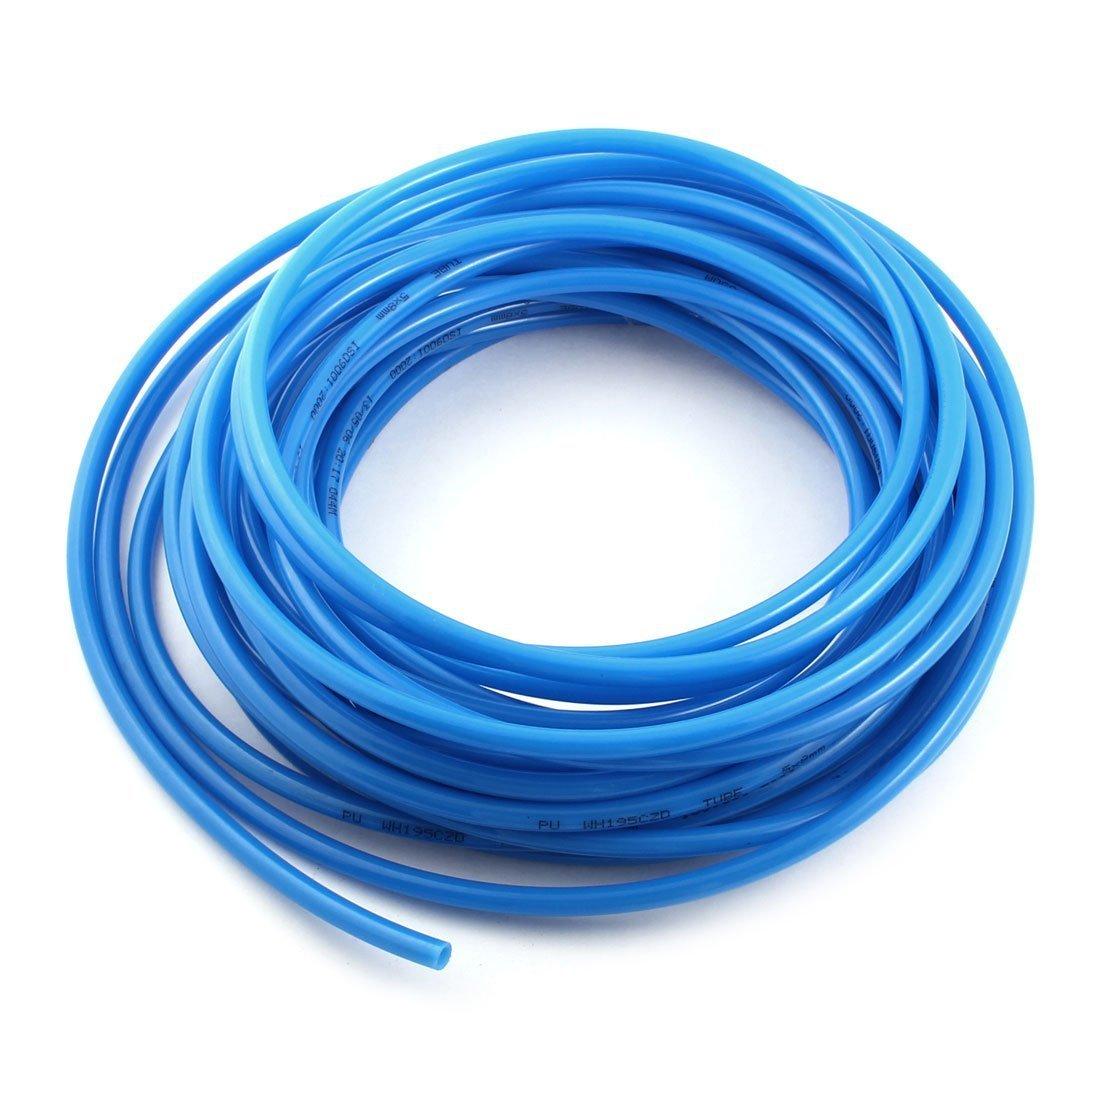 15 Metros 15, 2m Azul poliuretano PU Tubo De Aire Tuberí a Manguera 8mmx5mm 2m Azul poliuretano PU Tubo De Aire Tubería Manguera 8mmx5mm Sourcingmap a14101500ux0195